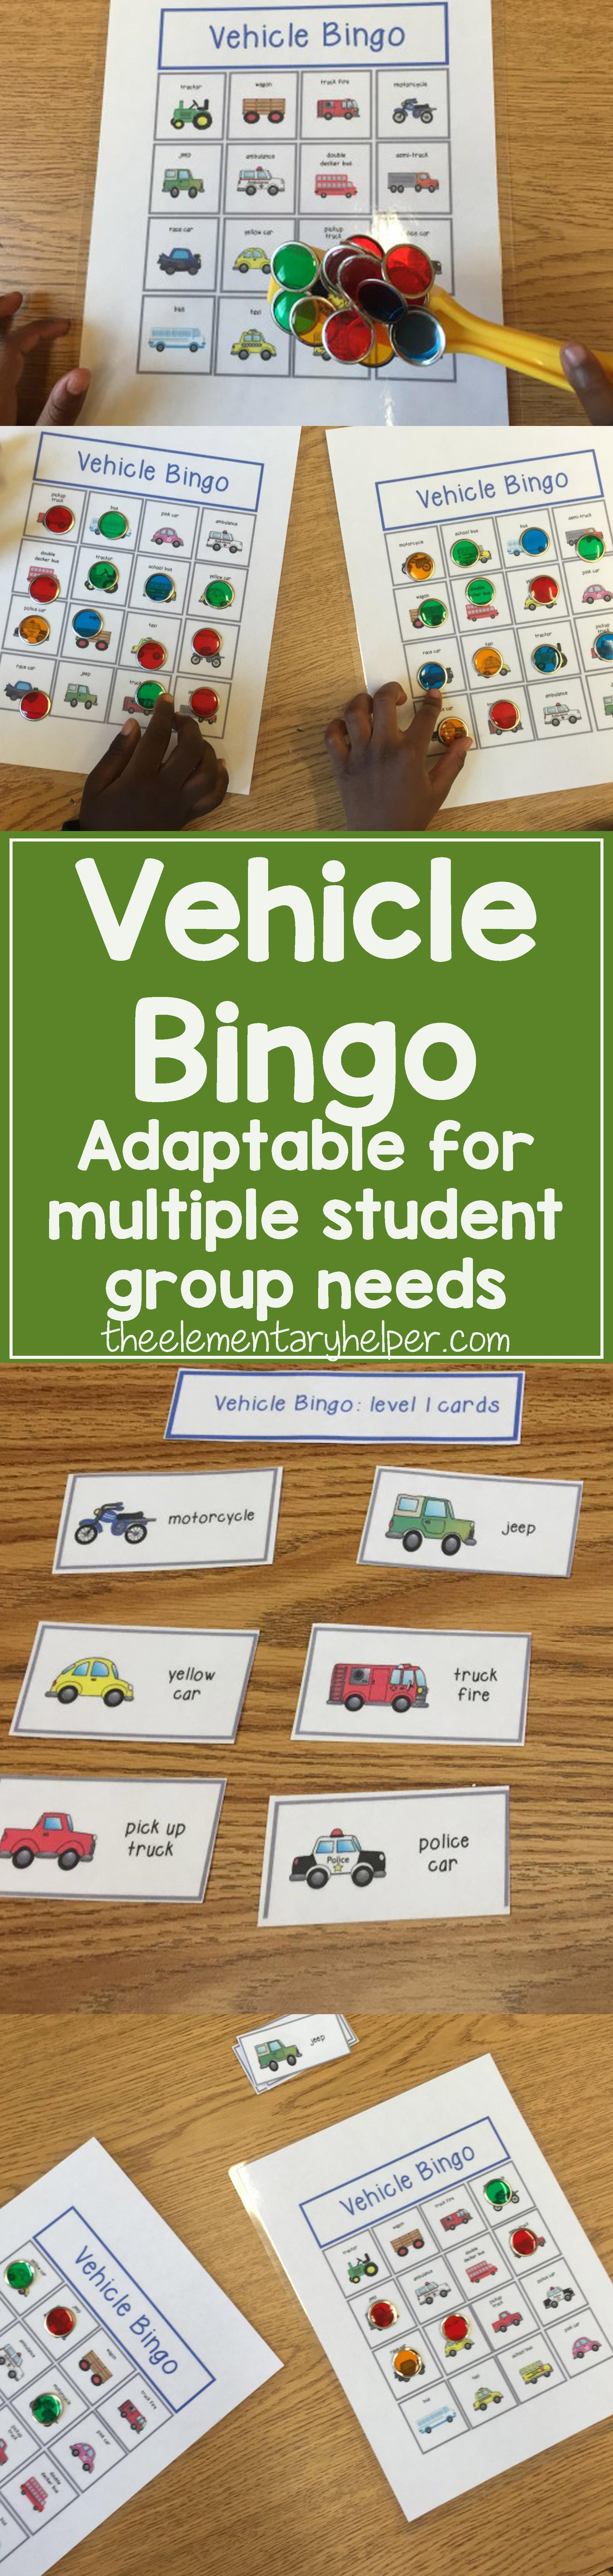 Vehicle Bingo With Images